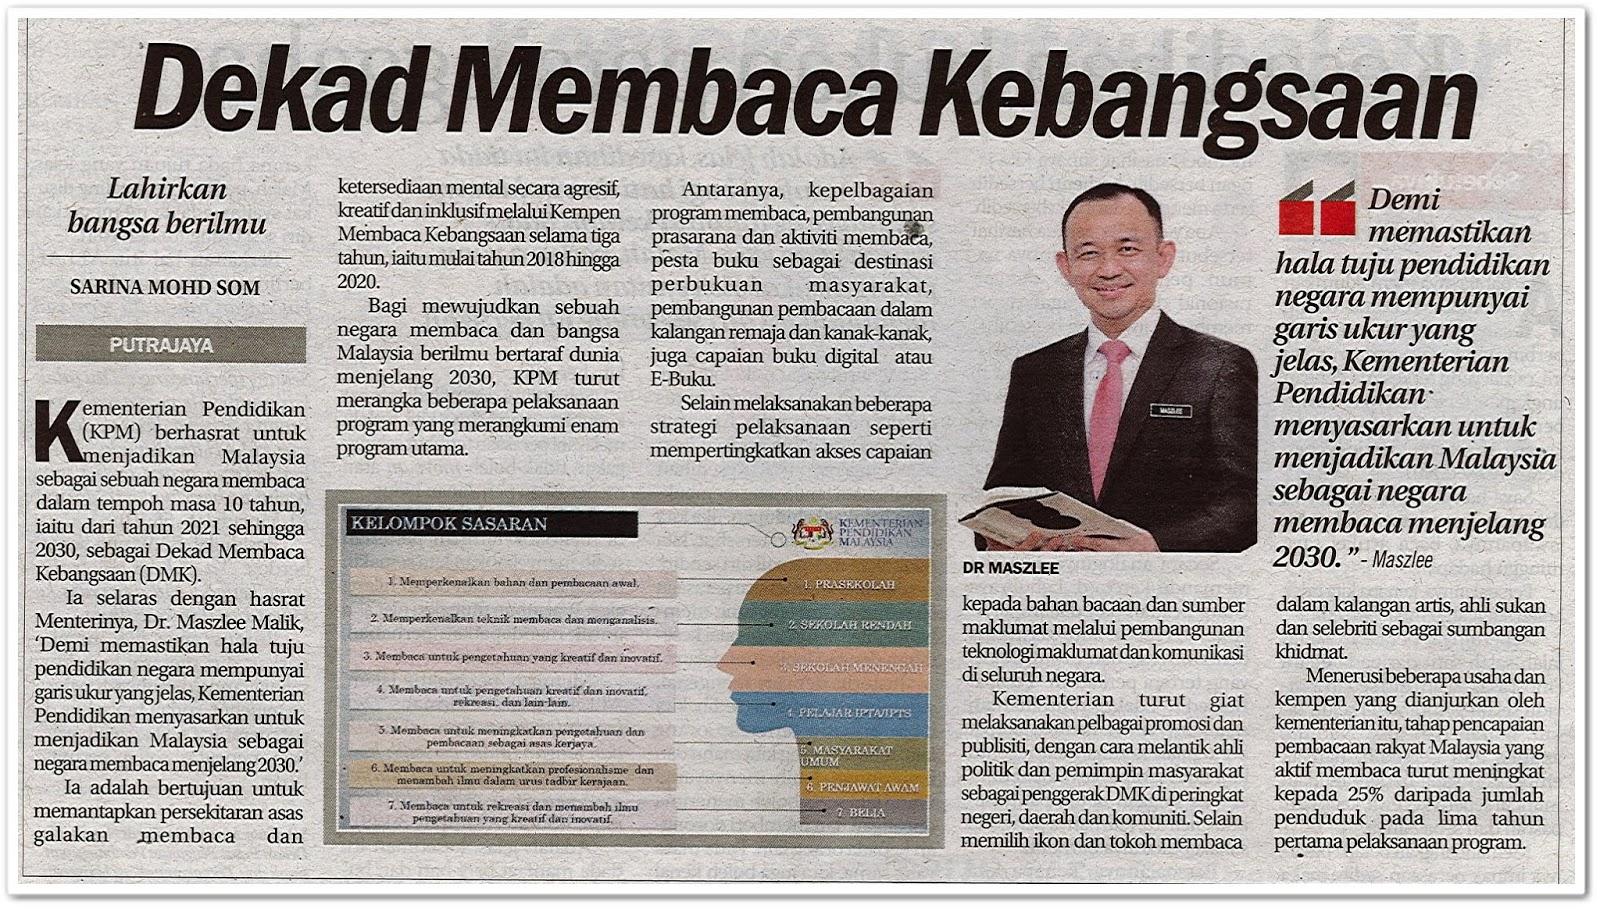 Dekad Membaca Kebangsaan - Keratan akhbar Sinar Harian 30 November 2019